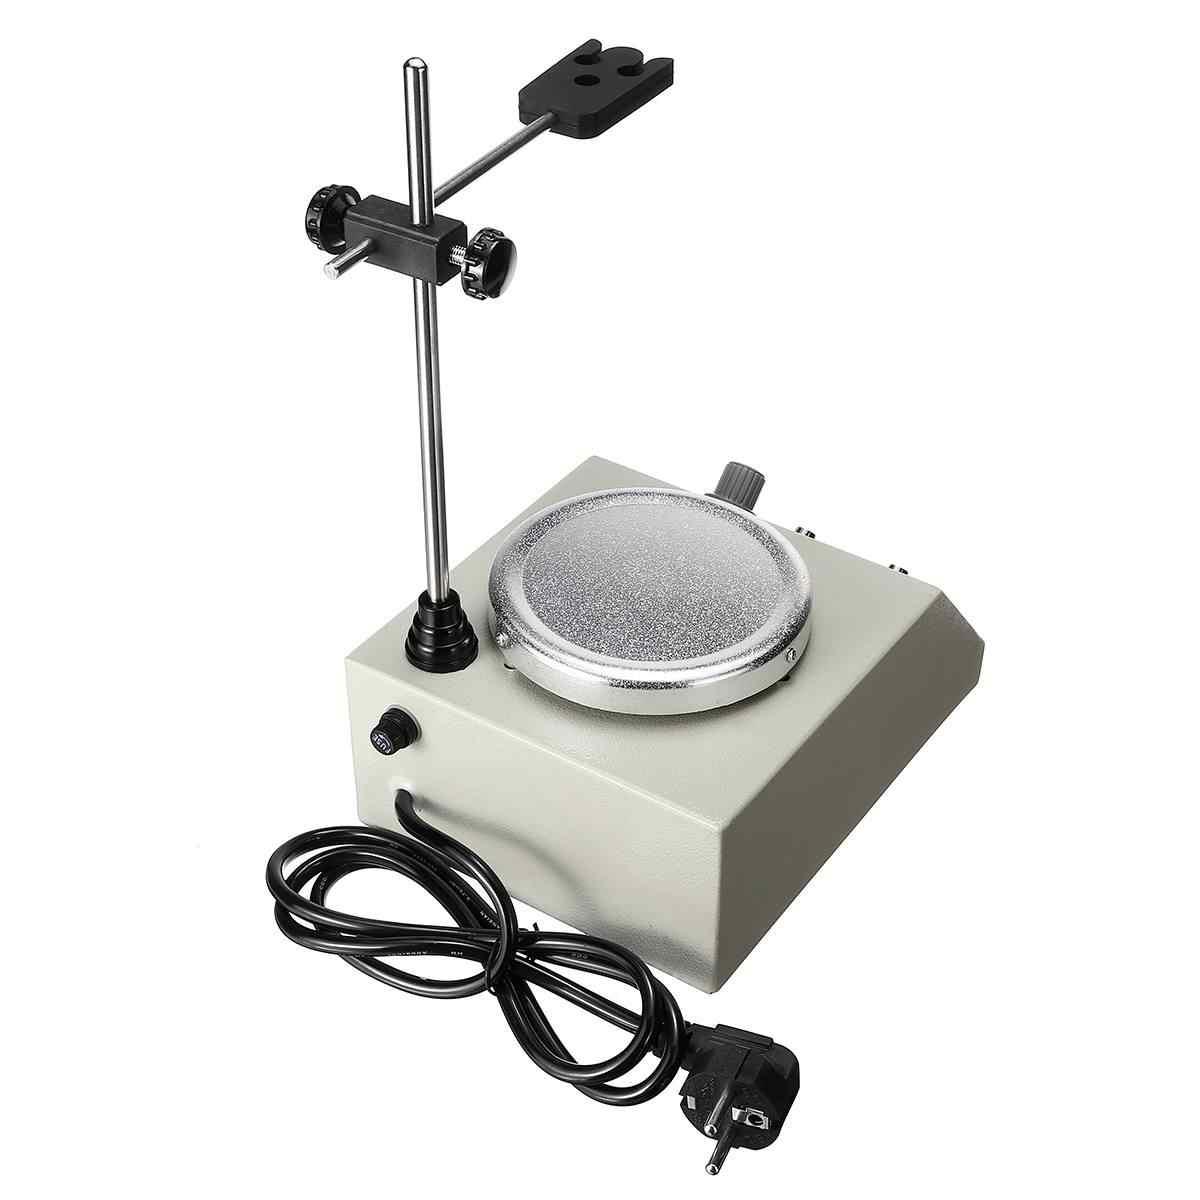 79-1 1000ml Laboratório de Chapa Quente Agitador Magnético Mixer de controle de Velocidade variável 110/220V Nenhum Ruído nenhuma Vibração EUA/EU/AU Plug Bom Correr